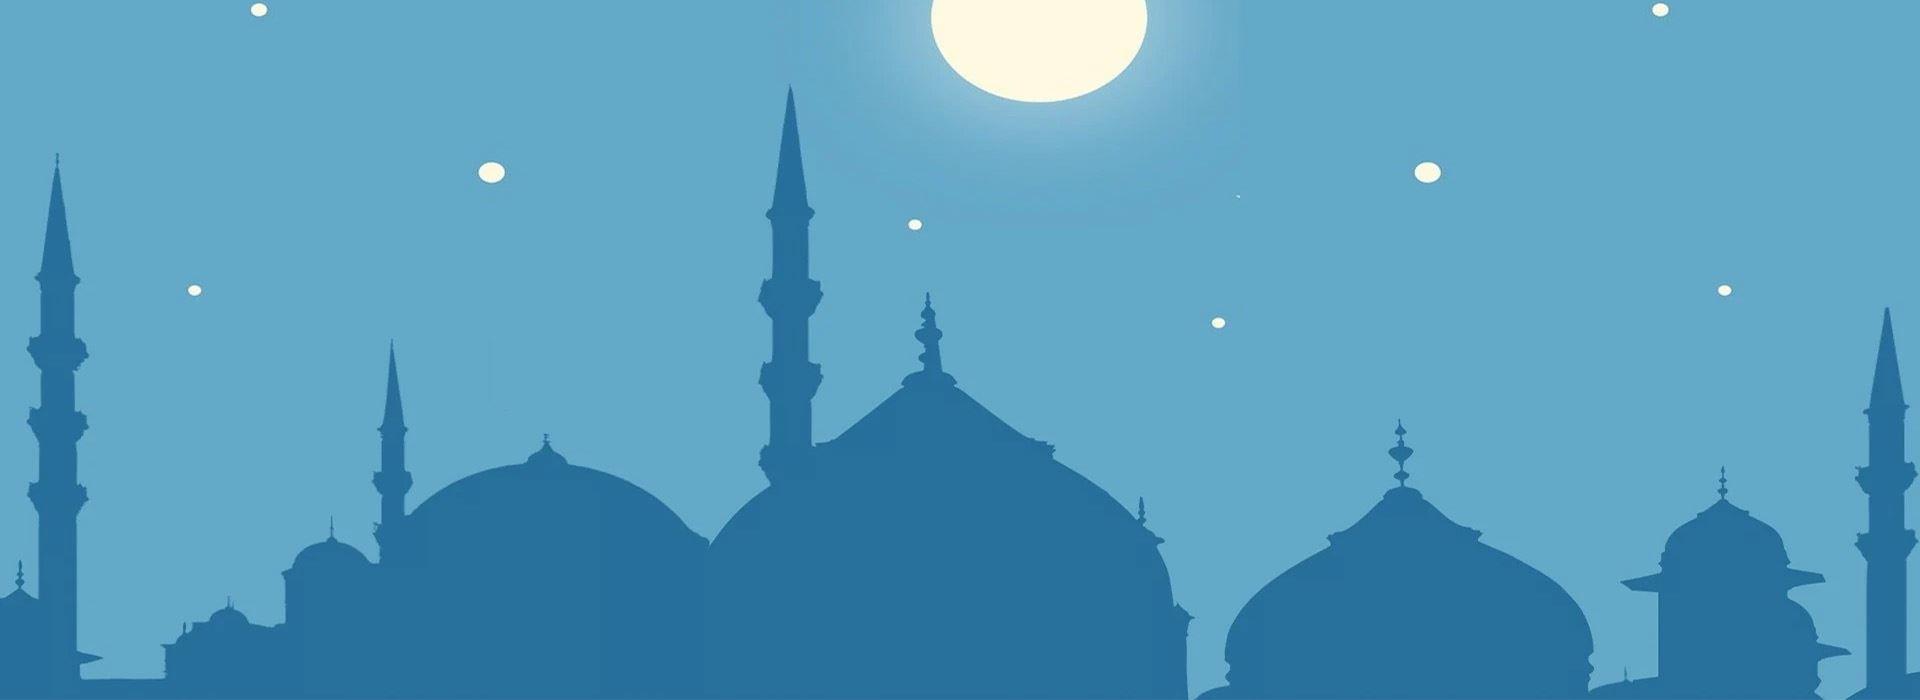 پیام تبریک عید سعید فطر 1400 | کلیپ + گیف